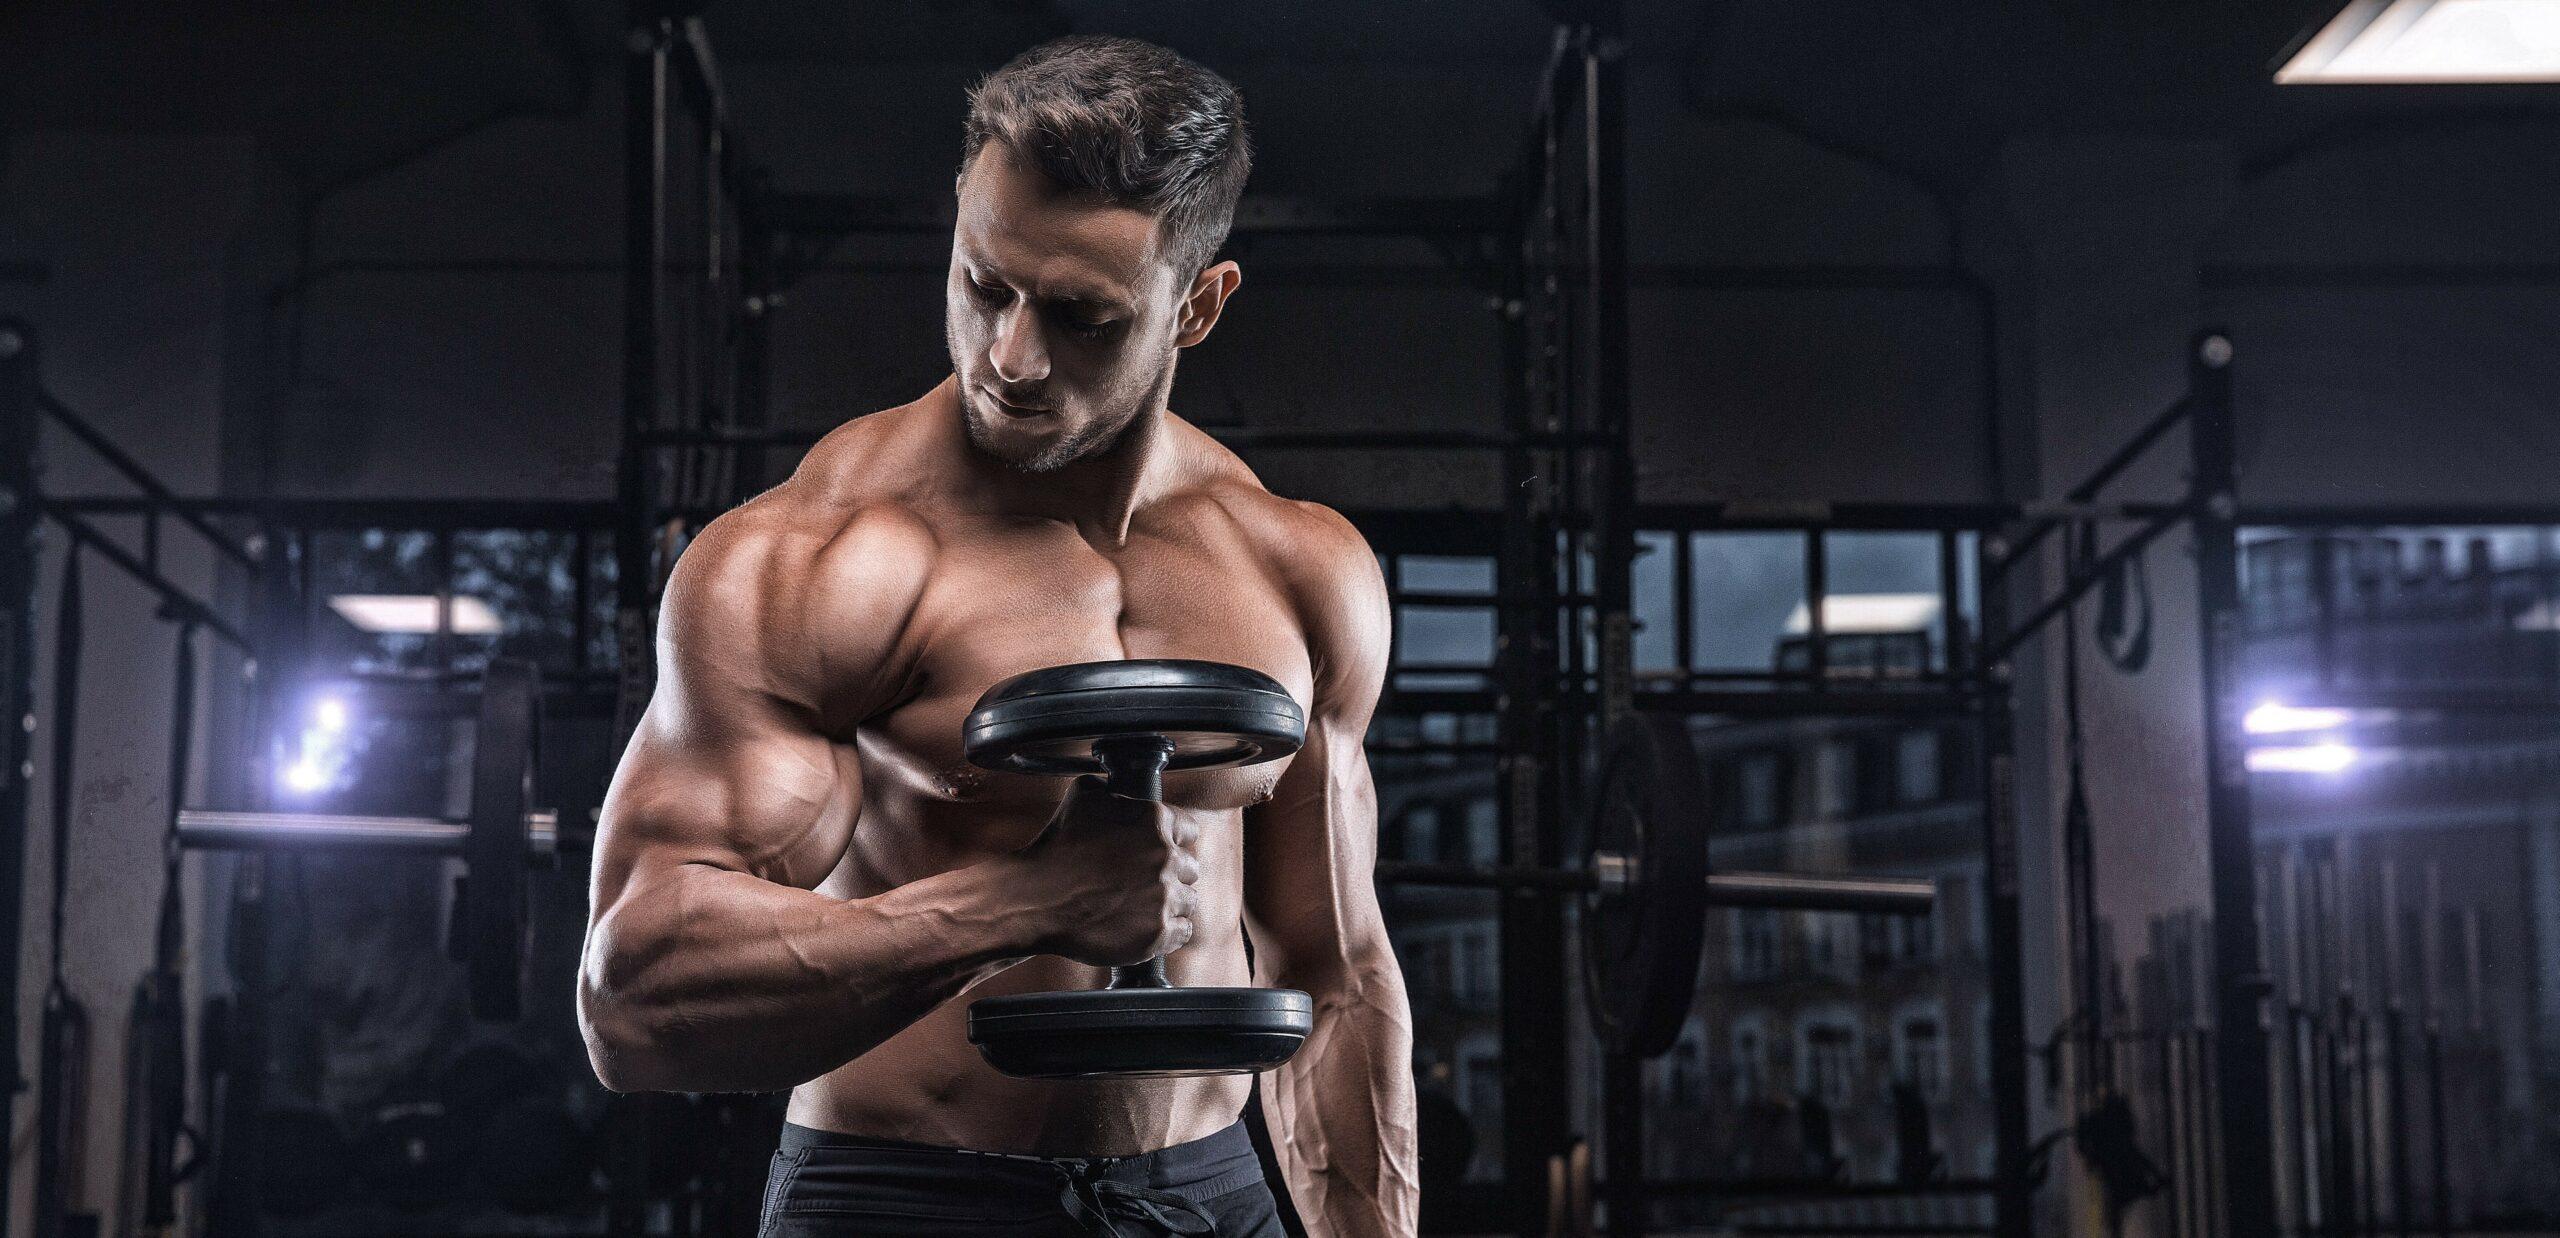 ipertrofia come aumentare la massa muscolare in palestra